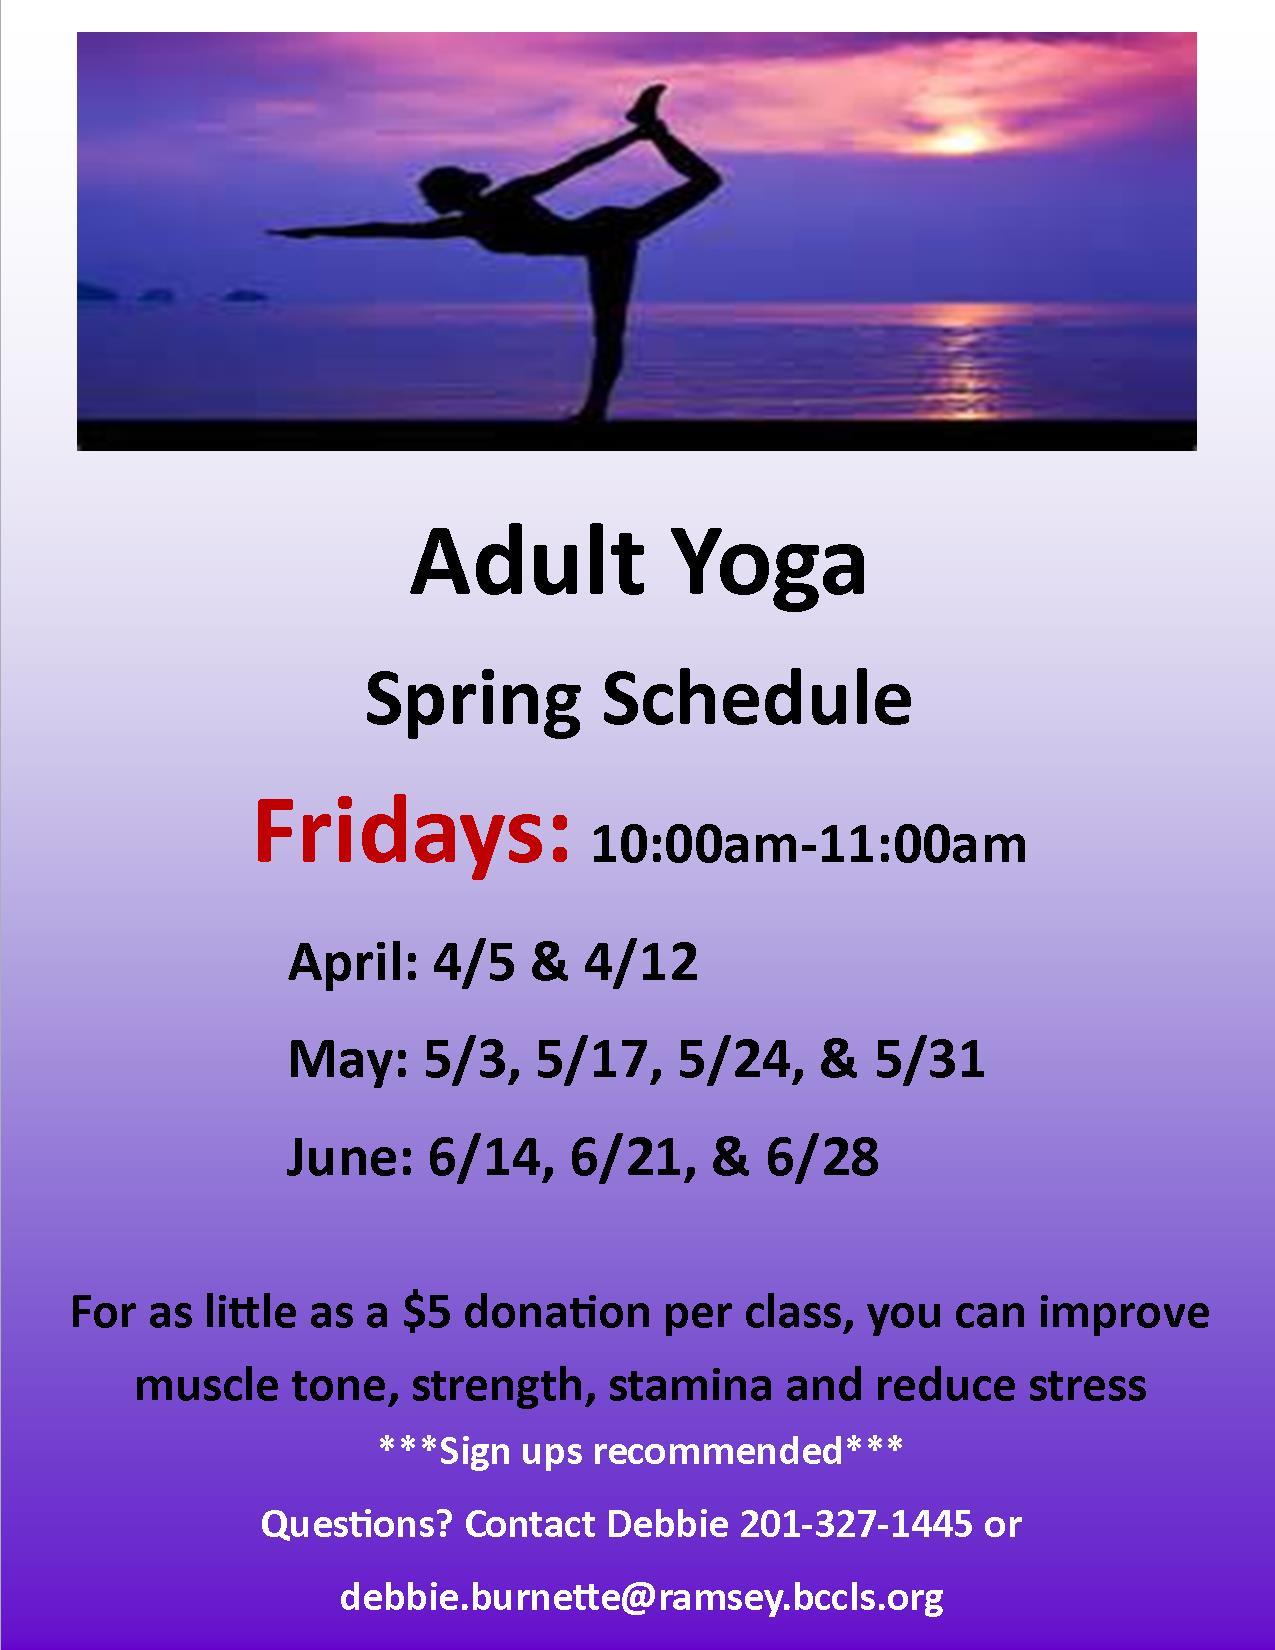 Friday Adult Yoga Classes